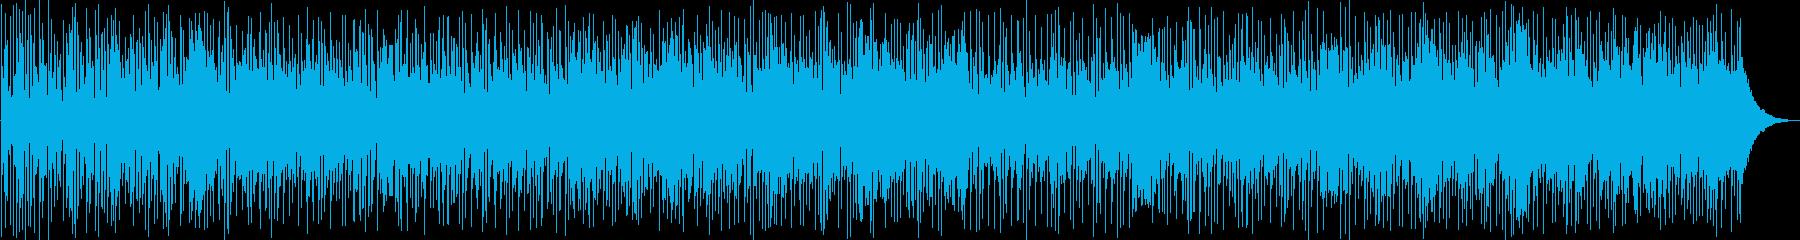 ワイルド感のあるファンクロックの再生済みの波形